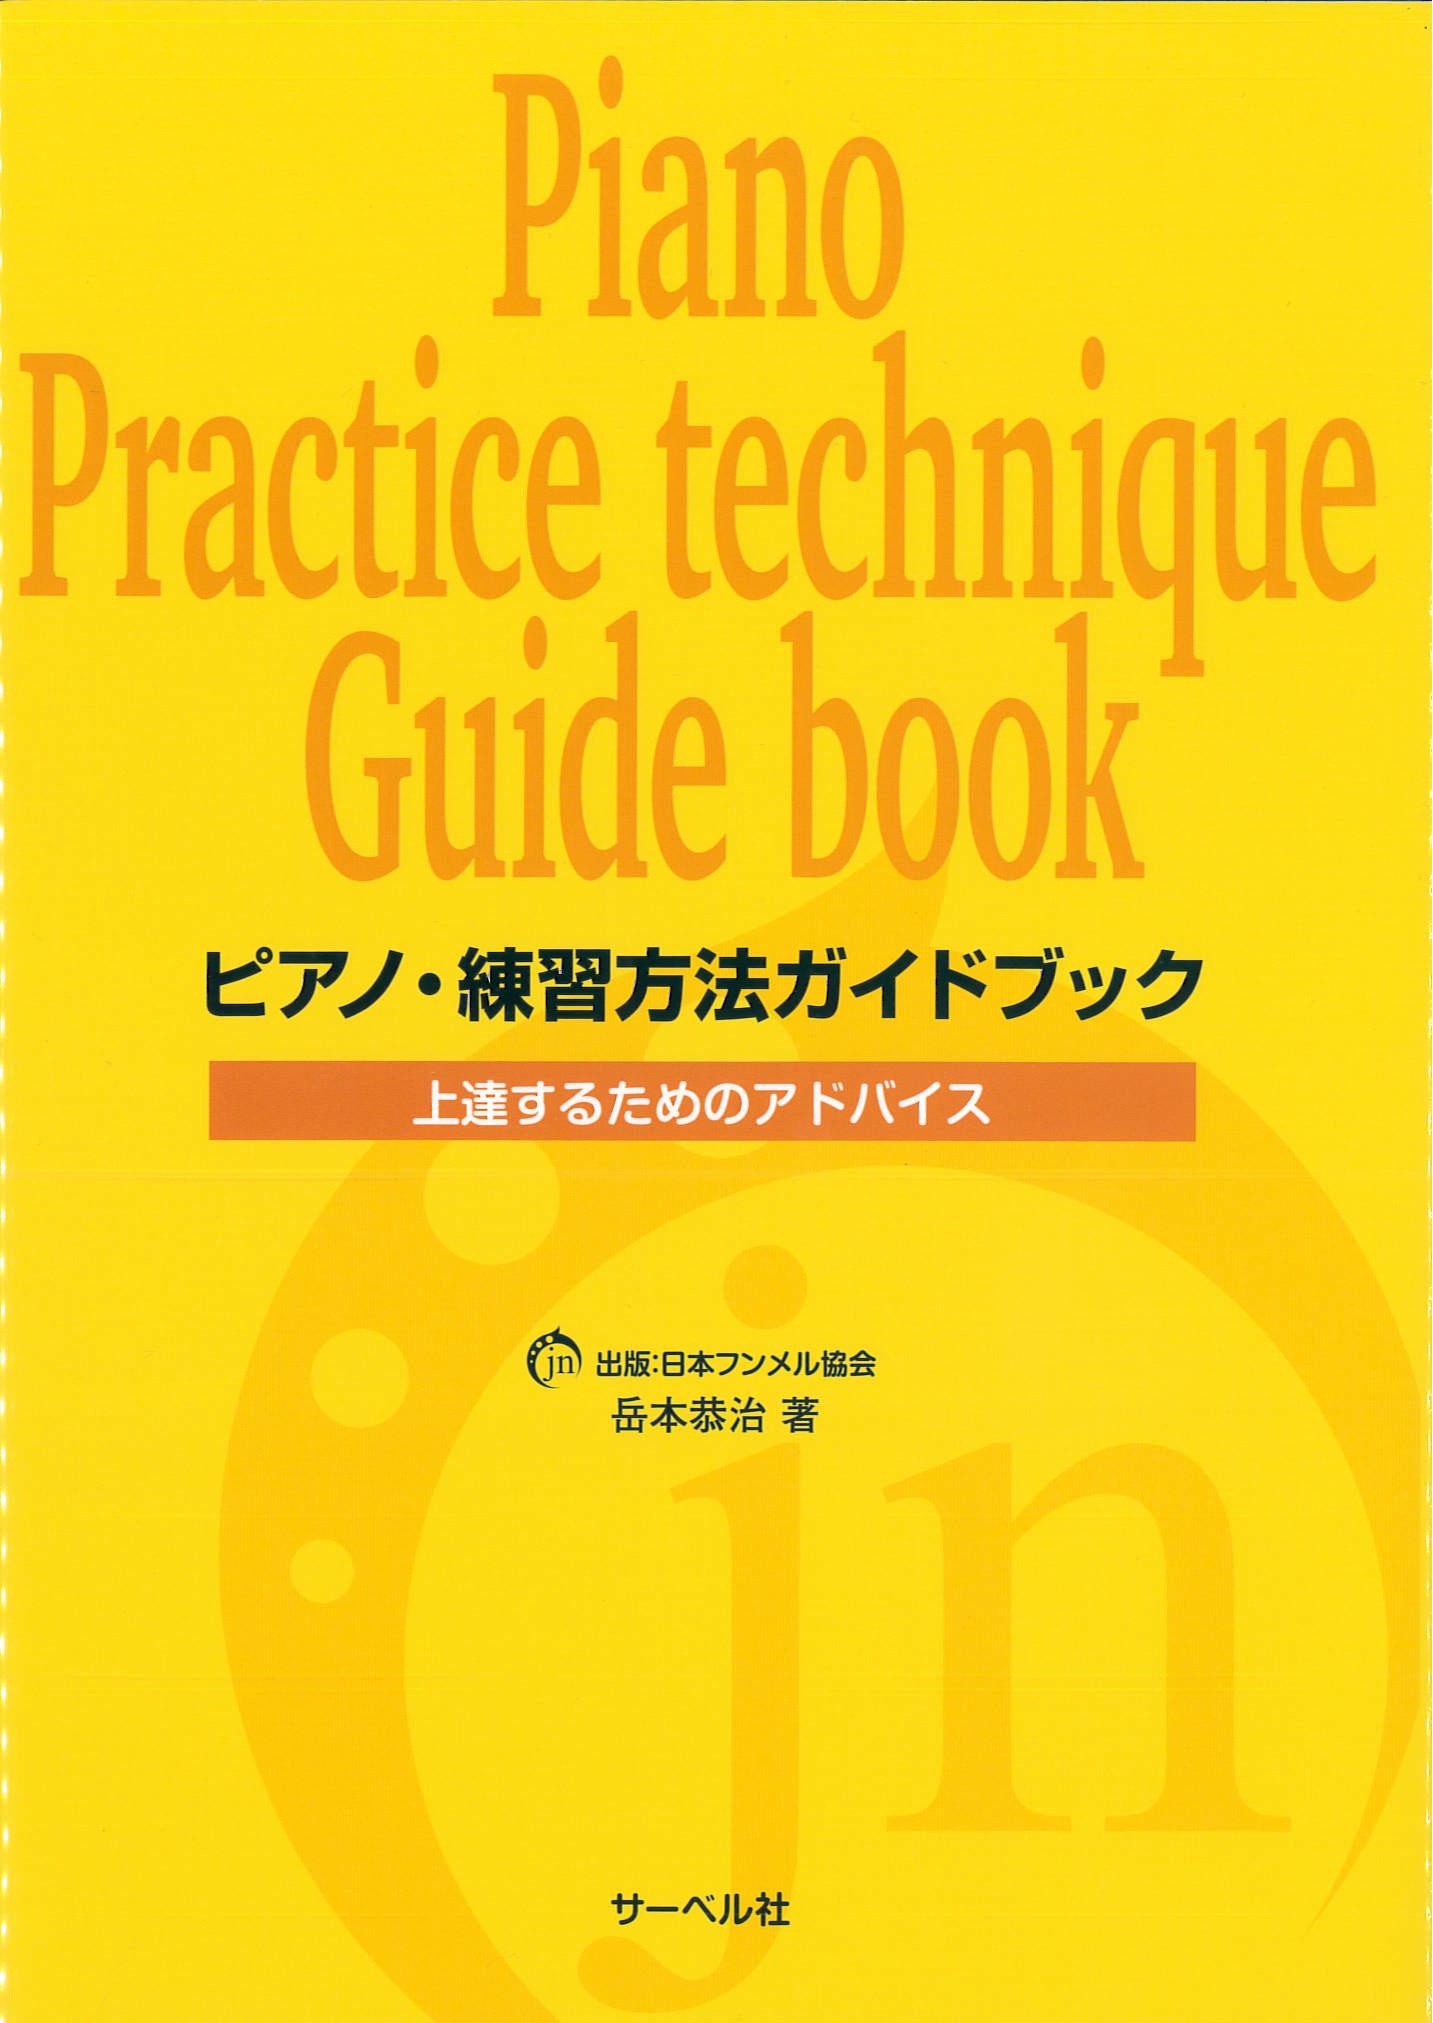 ピアノ・練習方法ガイドブック(上達するためのアドバイス)